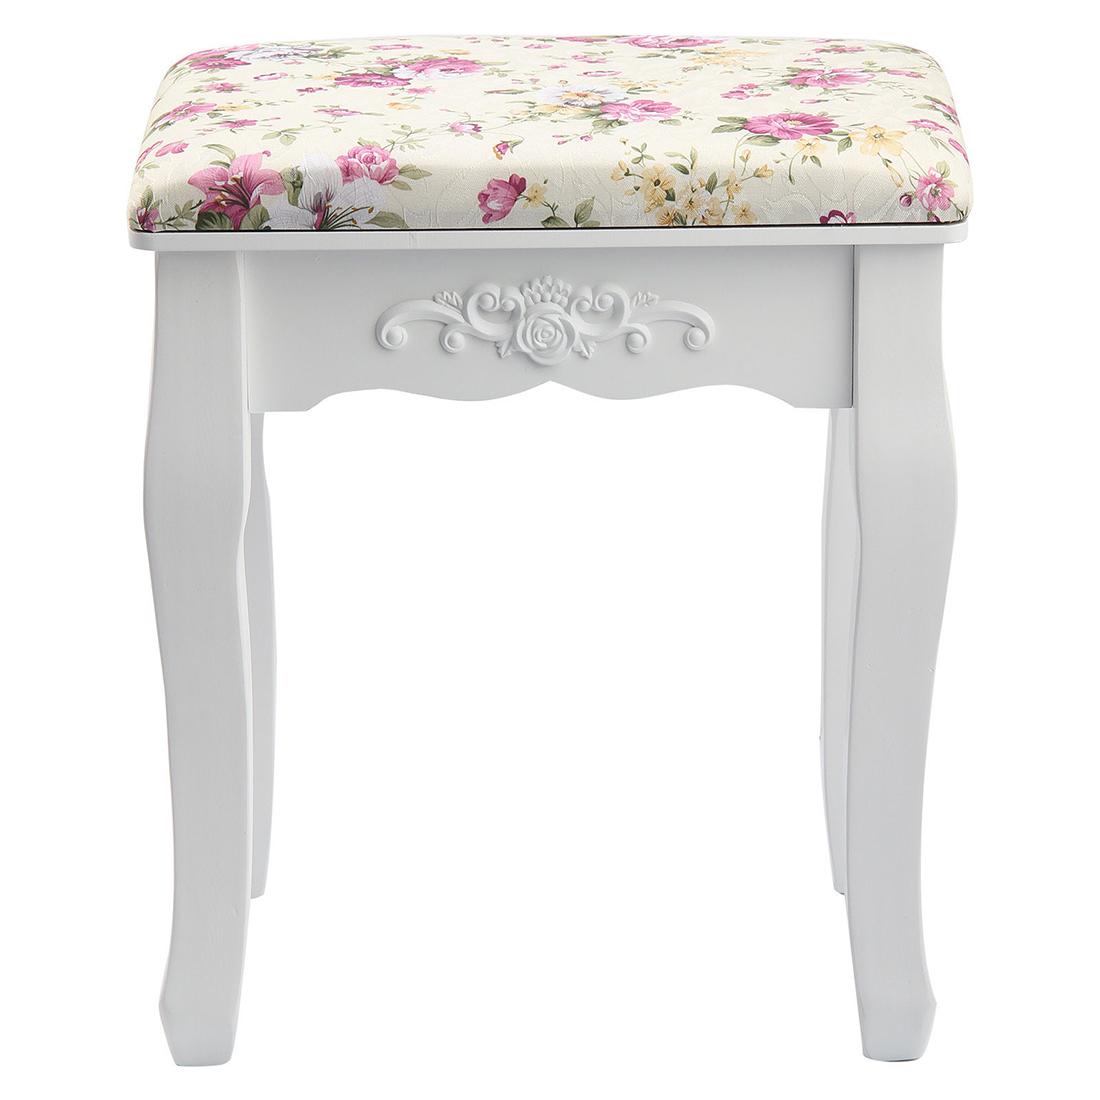 rose tabouret de dressage vintage chaise de piano rembourree pour repos t2r2 eur 94 84. Black Bedroom Furniture Sets. Home Design Ideas